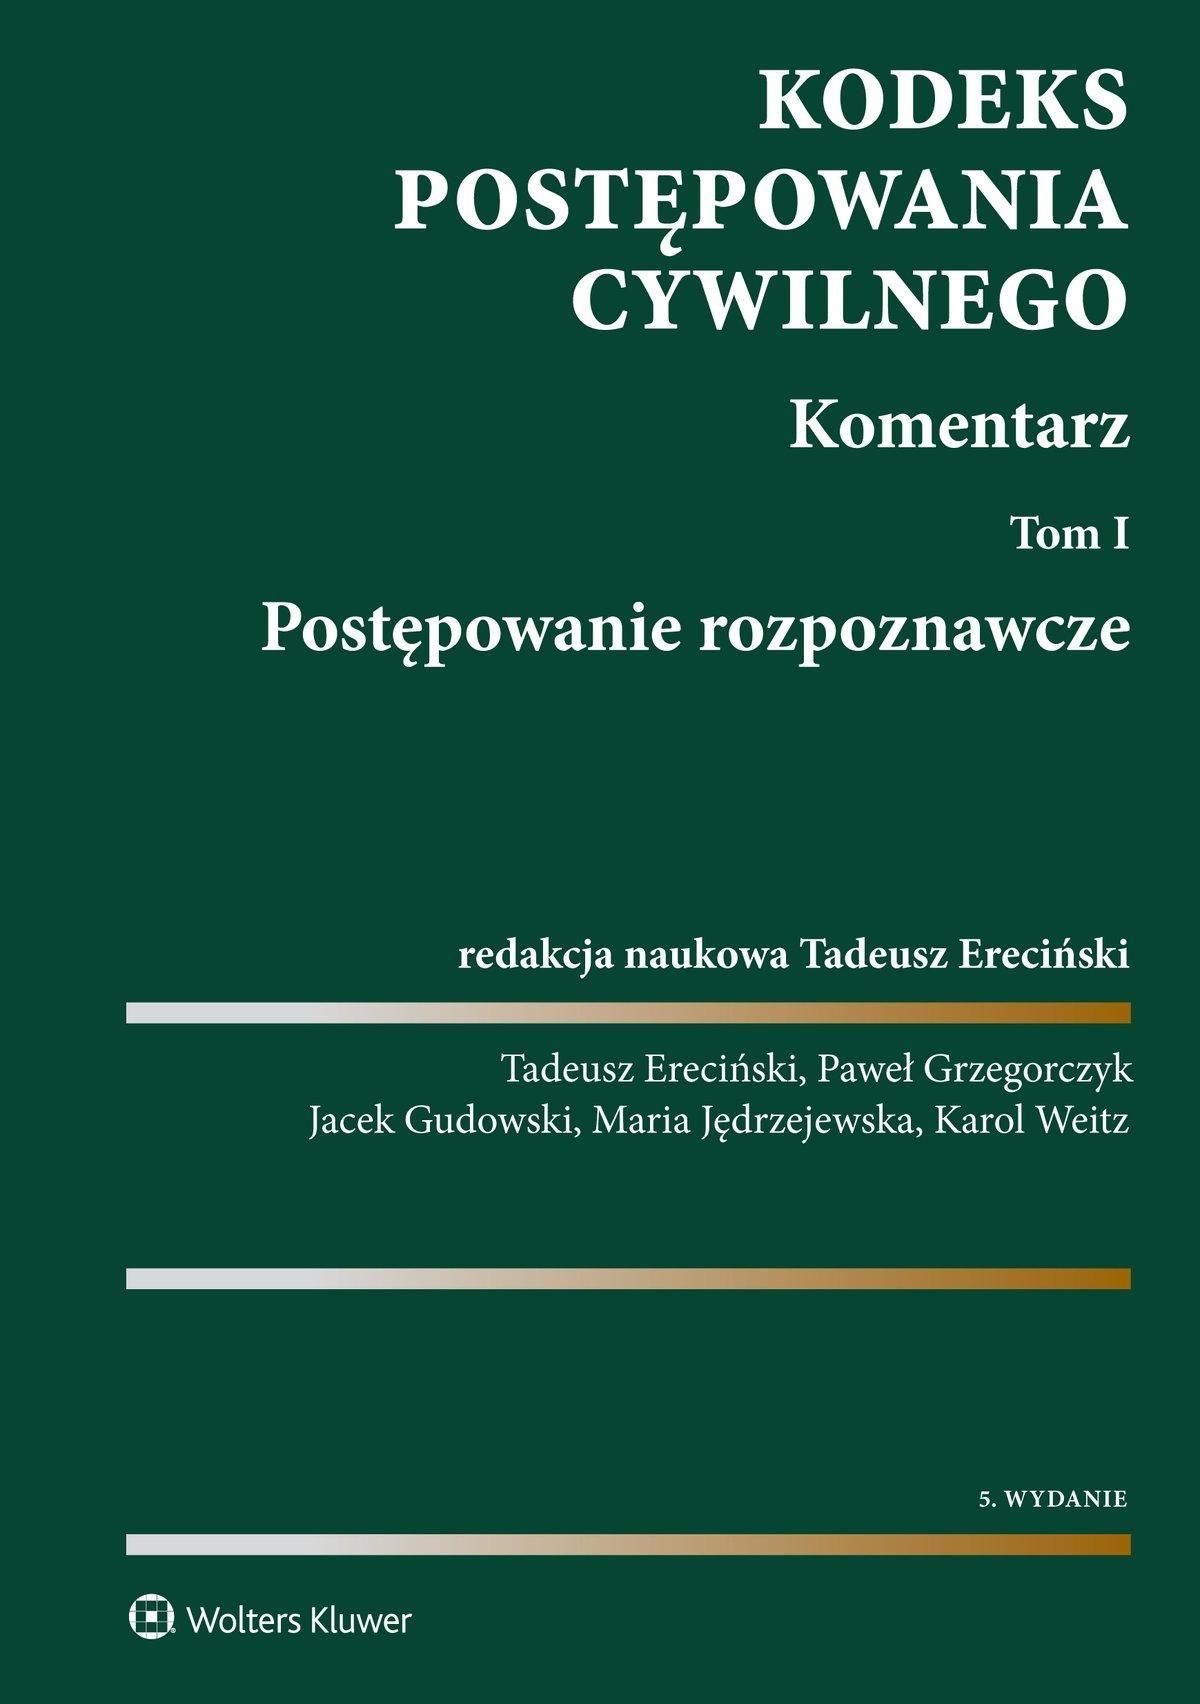 Kodeks postępowania cywilnego. Komentarz. Tom 1. Postępowanie rozpoznawcze - Ebook (Książka PDF) do pobrania w formacie PDF